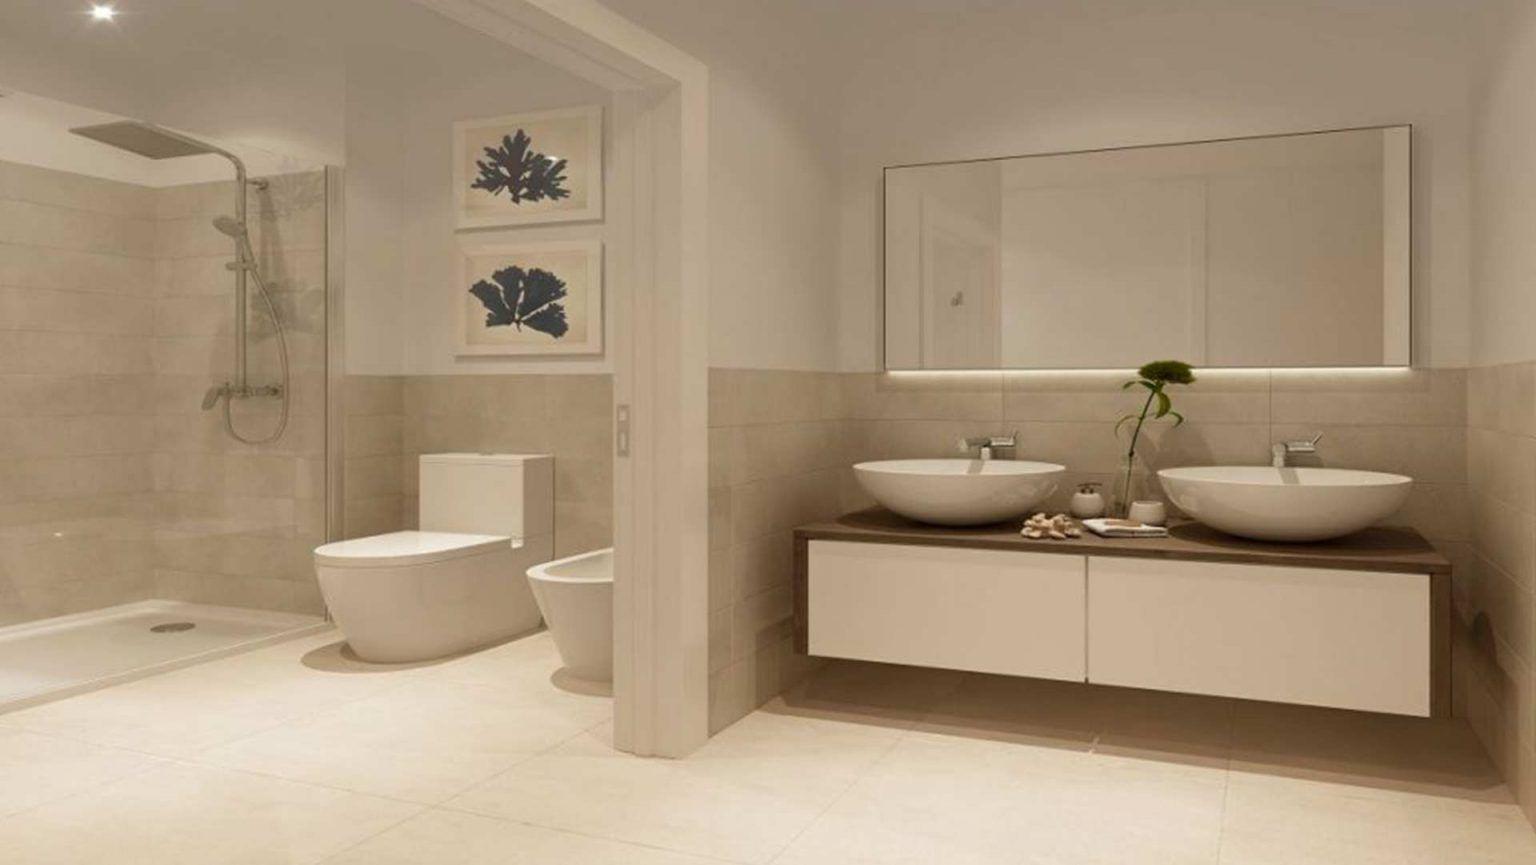 Panorama-apartments-Fuengirola-1200-x-675-13-1024x576